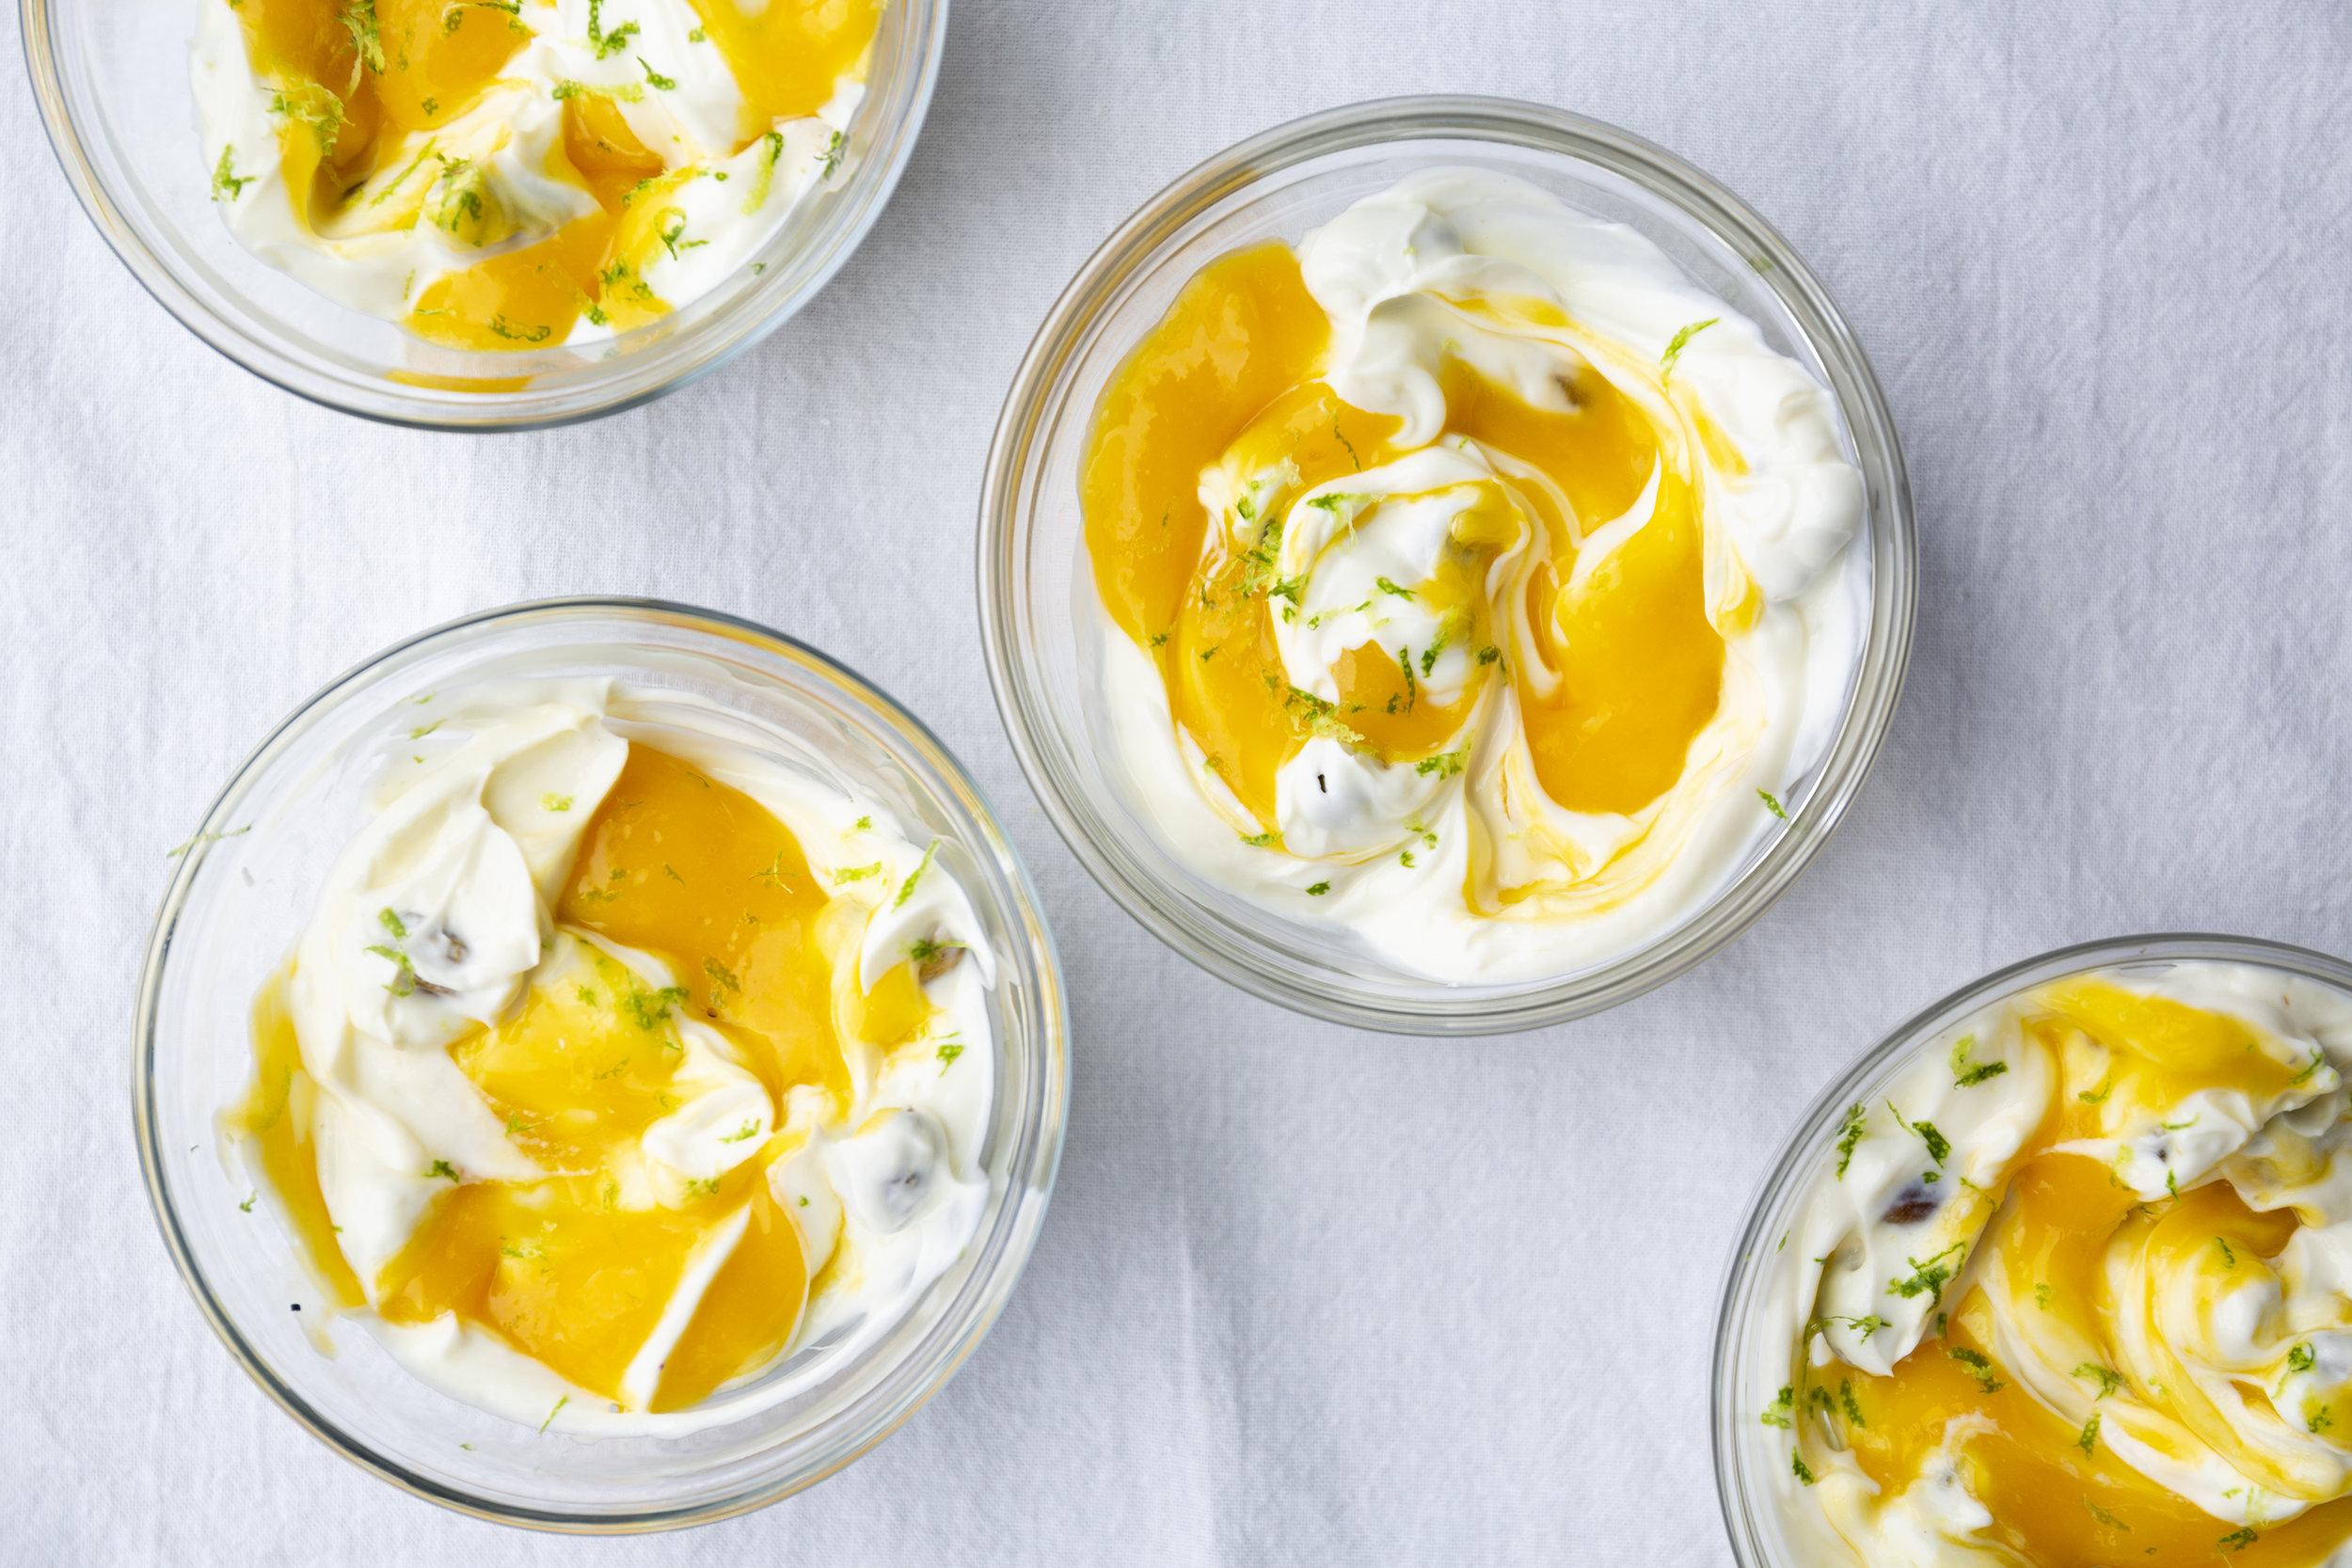 mango-shrikhand-pudding-low-res.jpg